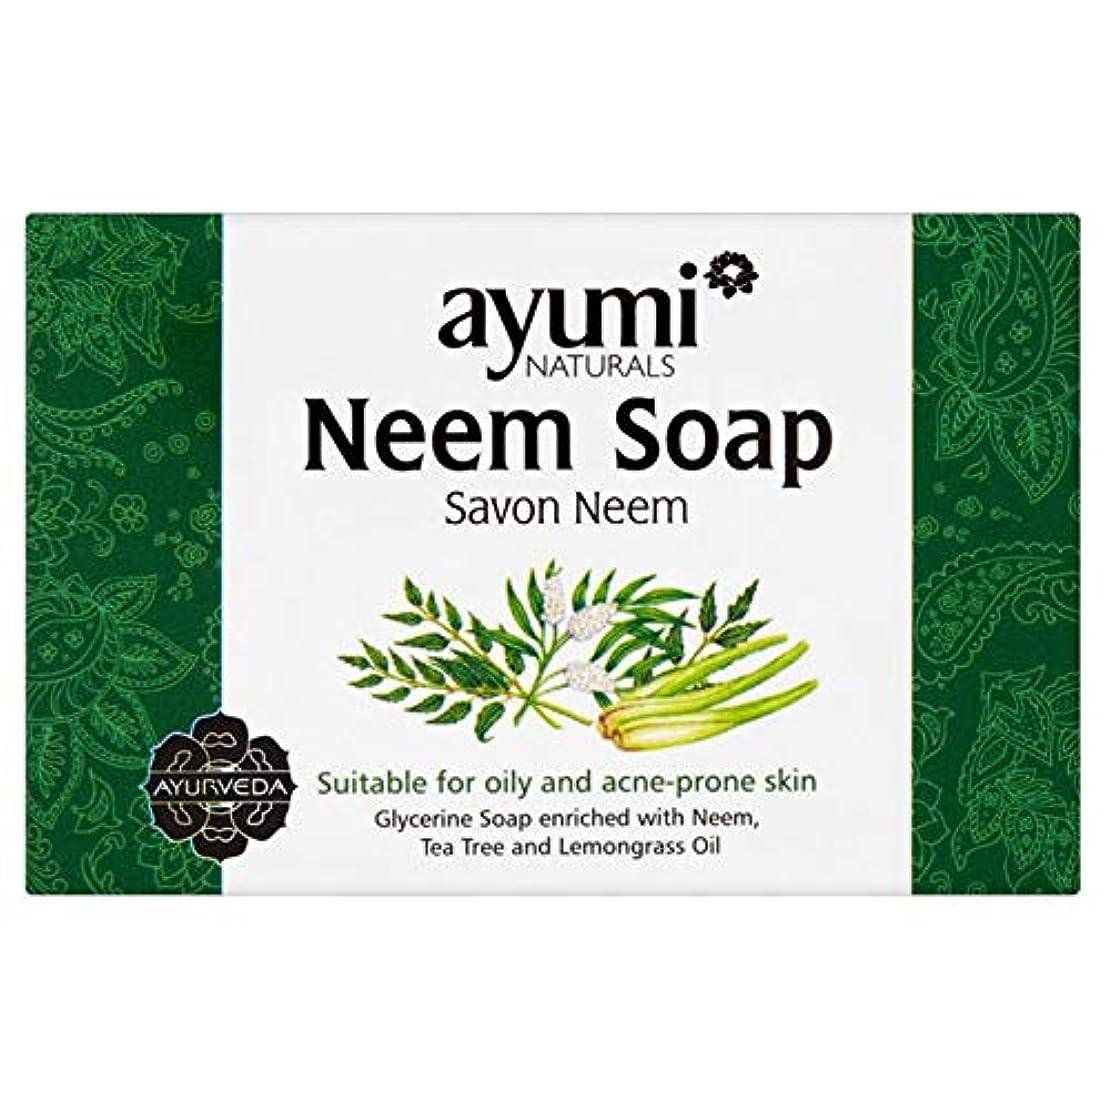 のみ甘美な仕事Ayuuri Ayurvedic Herbal Natural Neem Soap 100g by Ayuuri